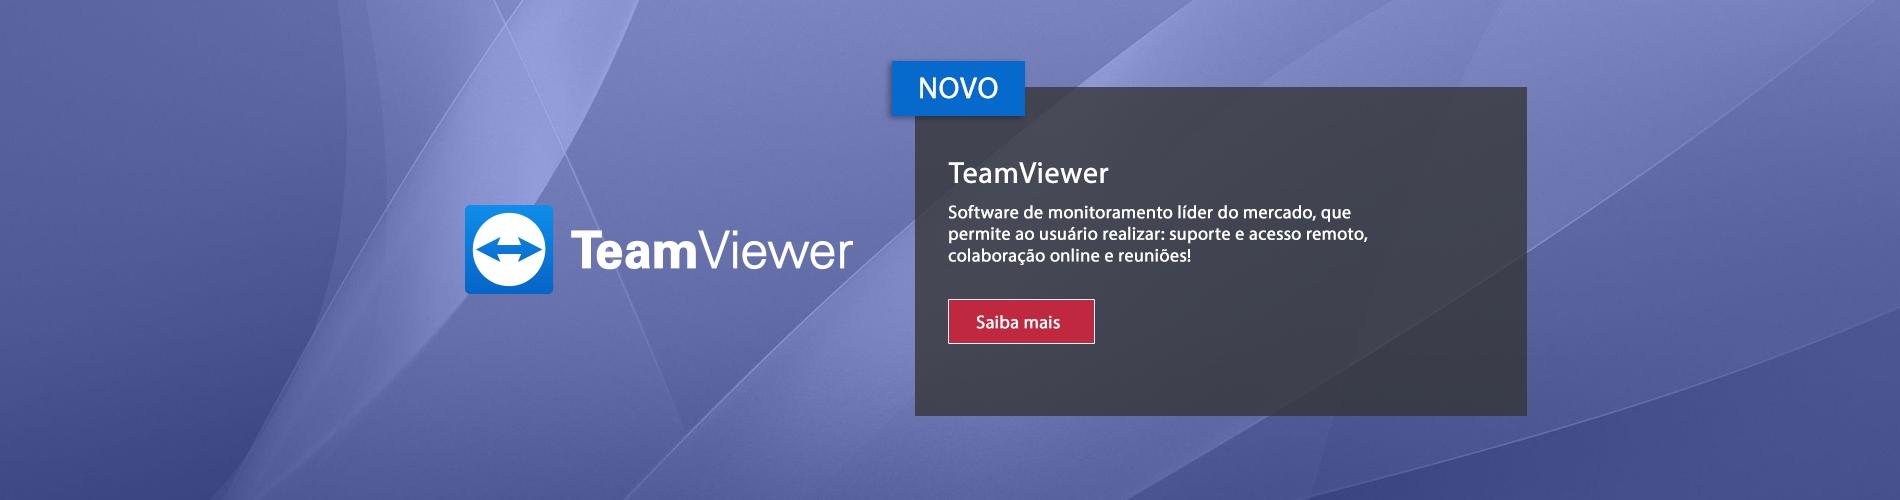 slide_teamviewer